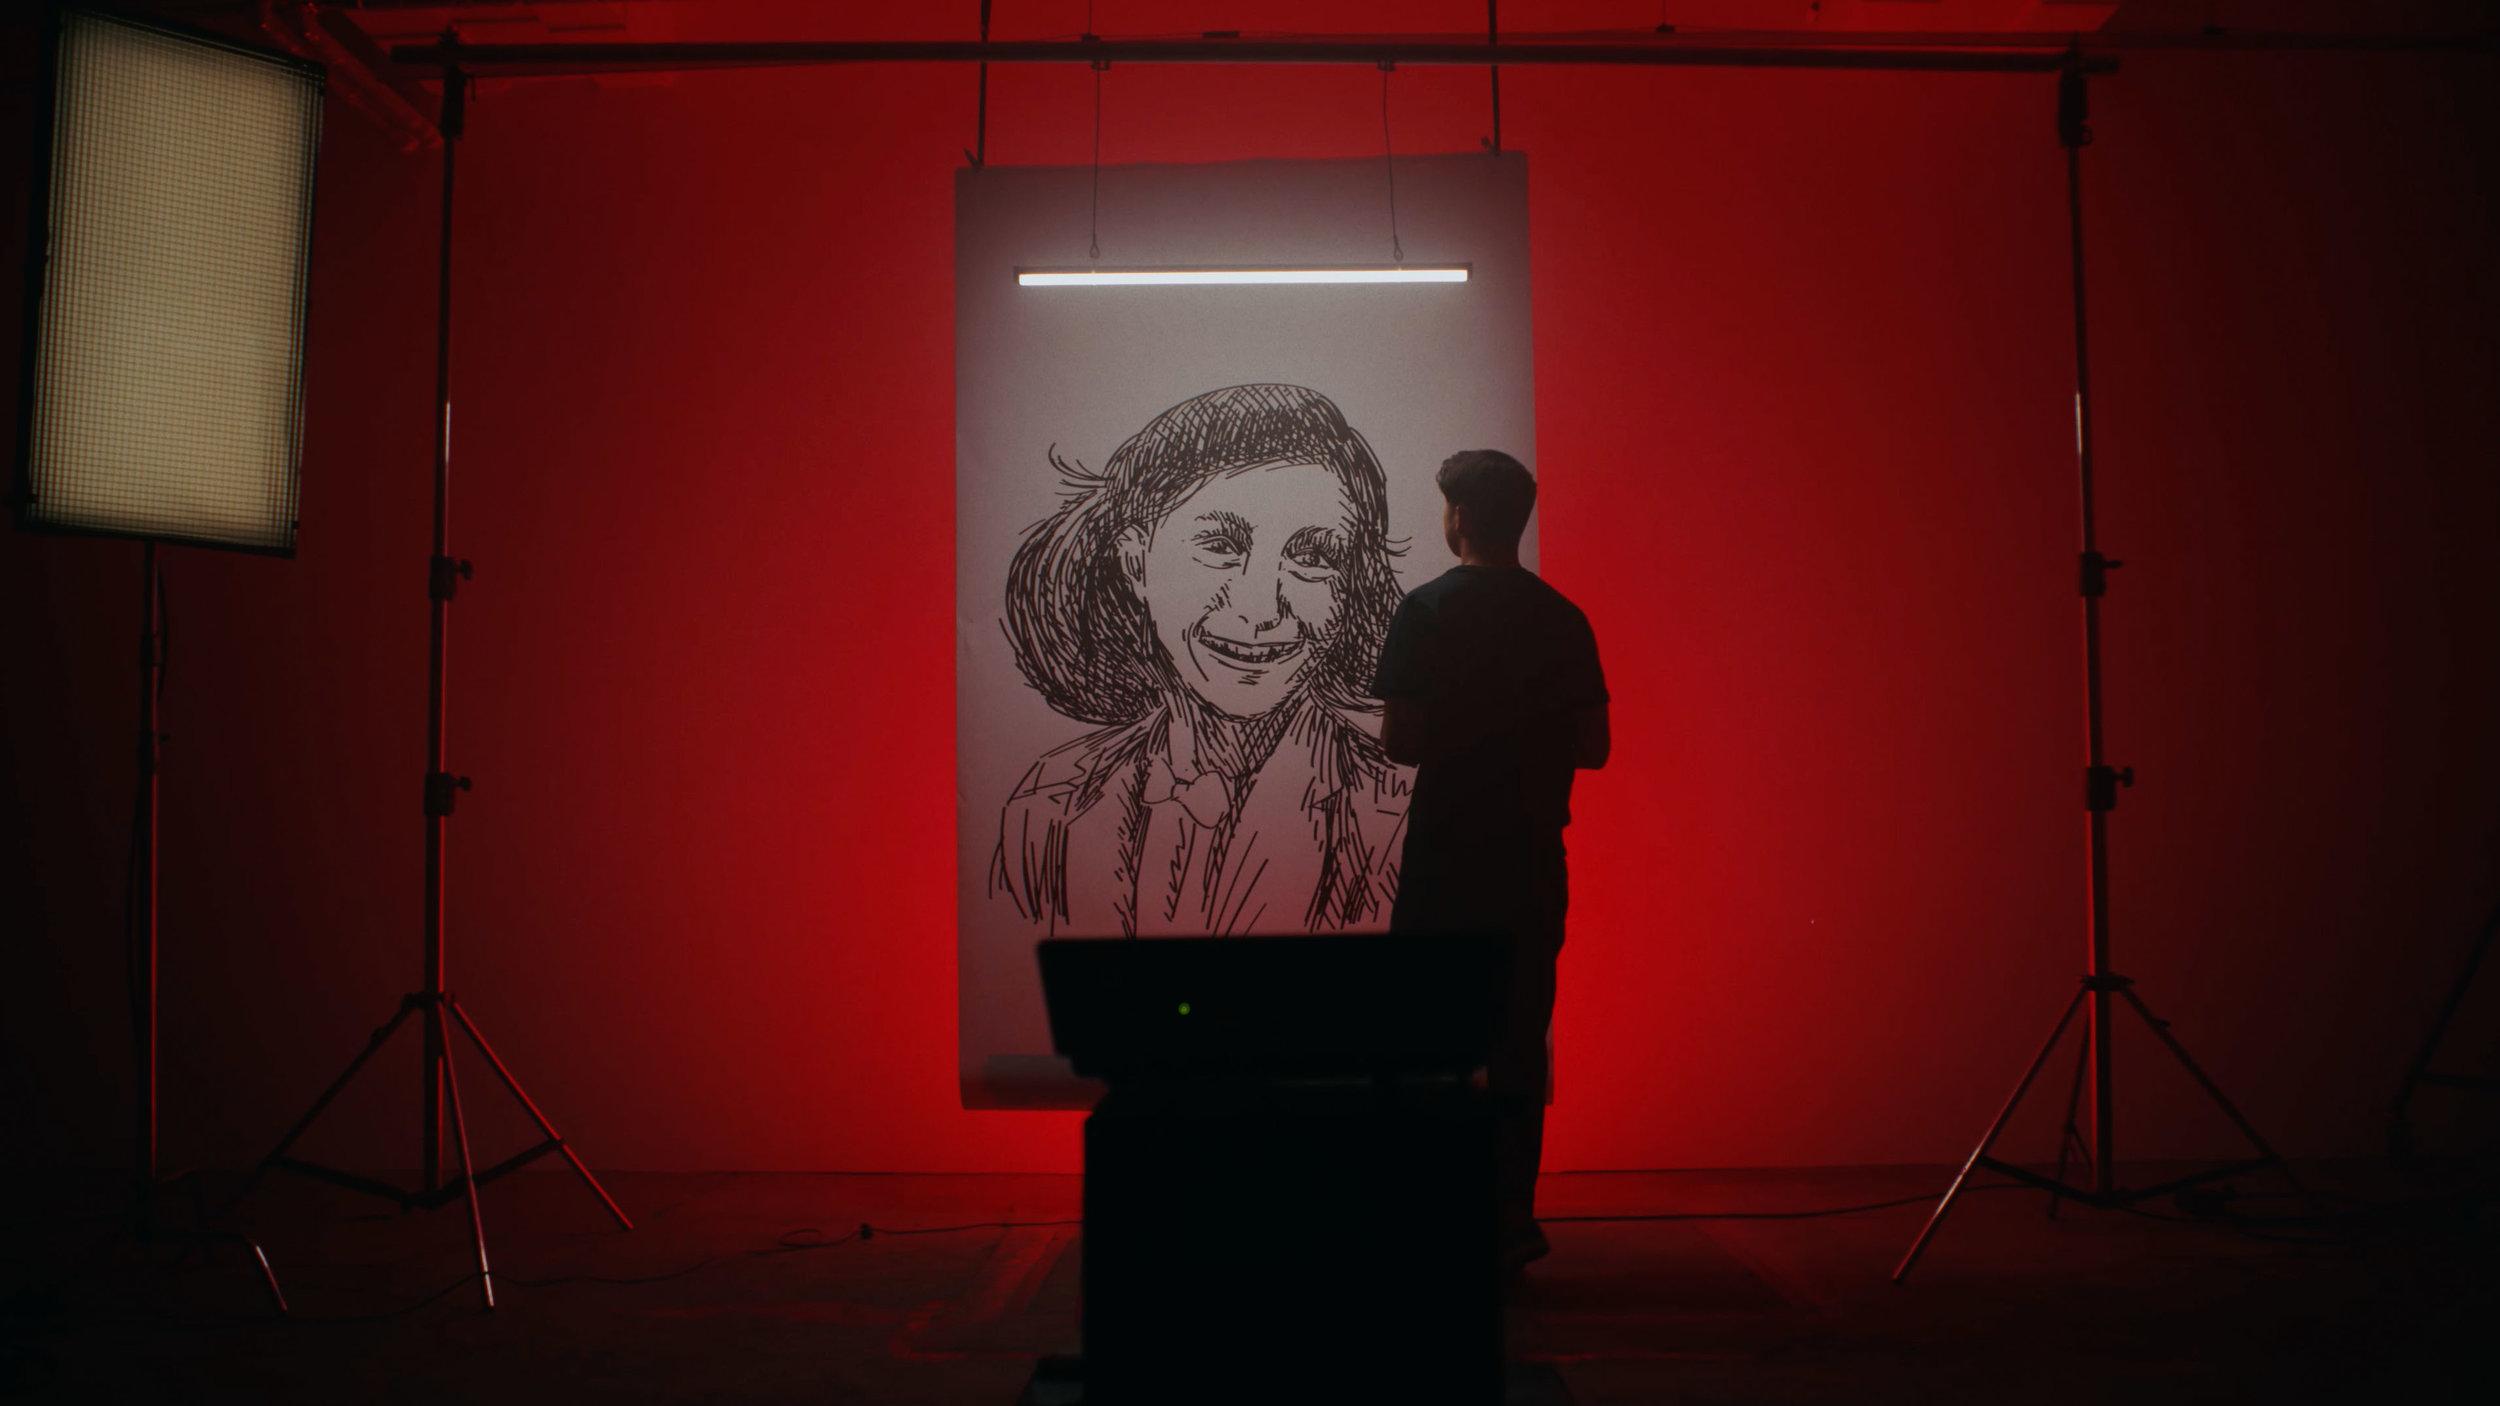 Bildungsstätte-Anne-Frank-Frankfurt-Exhibition_01.jpg